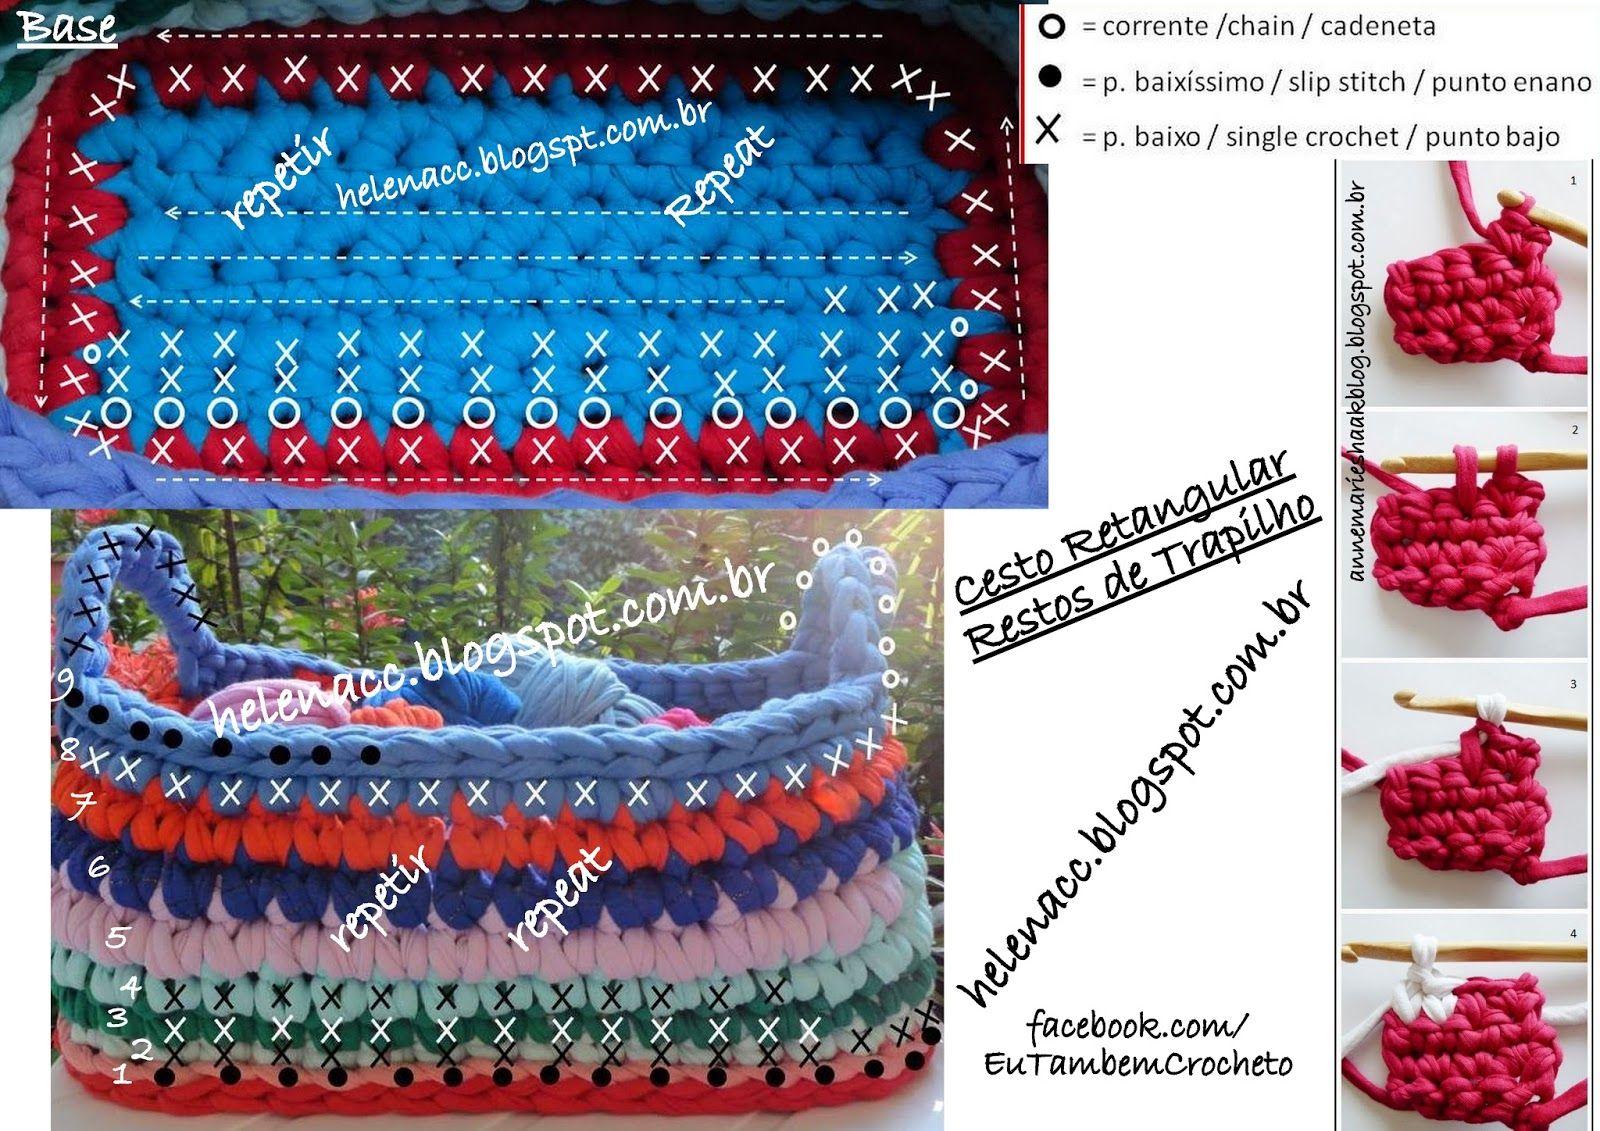 Um blog de crochet em fio de malha, trapilhos | RECEITAS CROCHE ANA ...